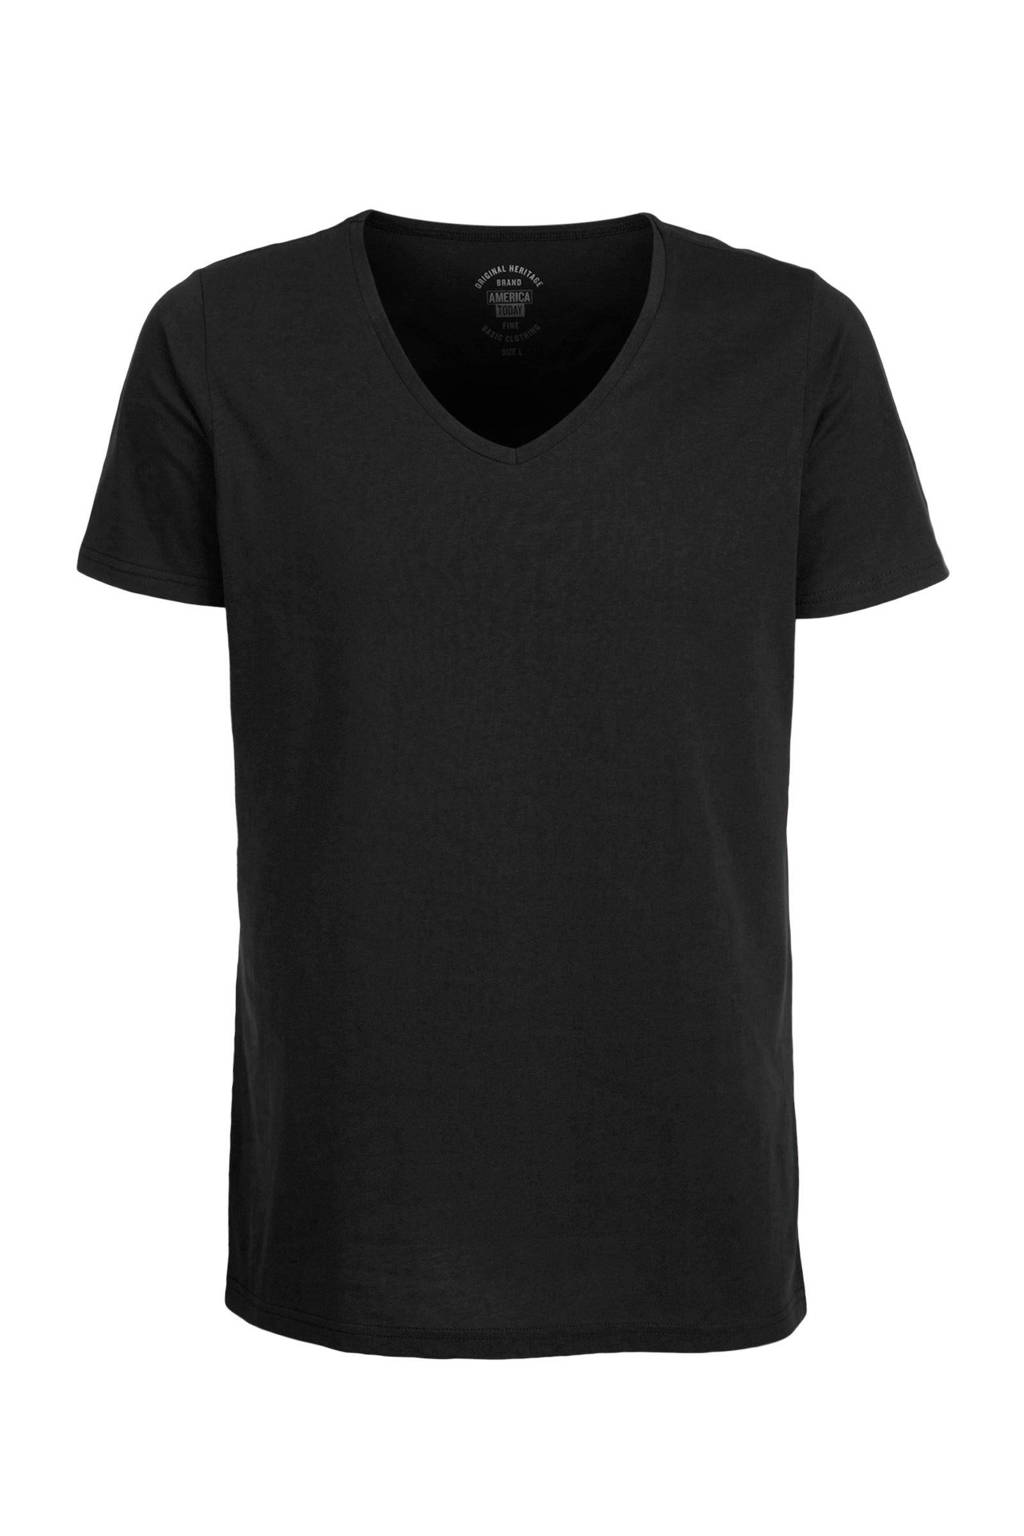 America Today regular fit T-shirt, Zwart